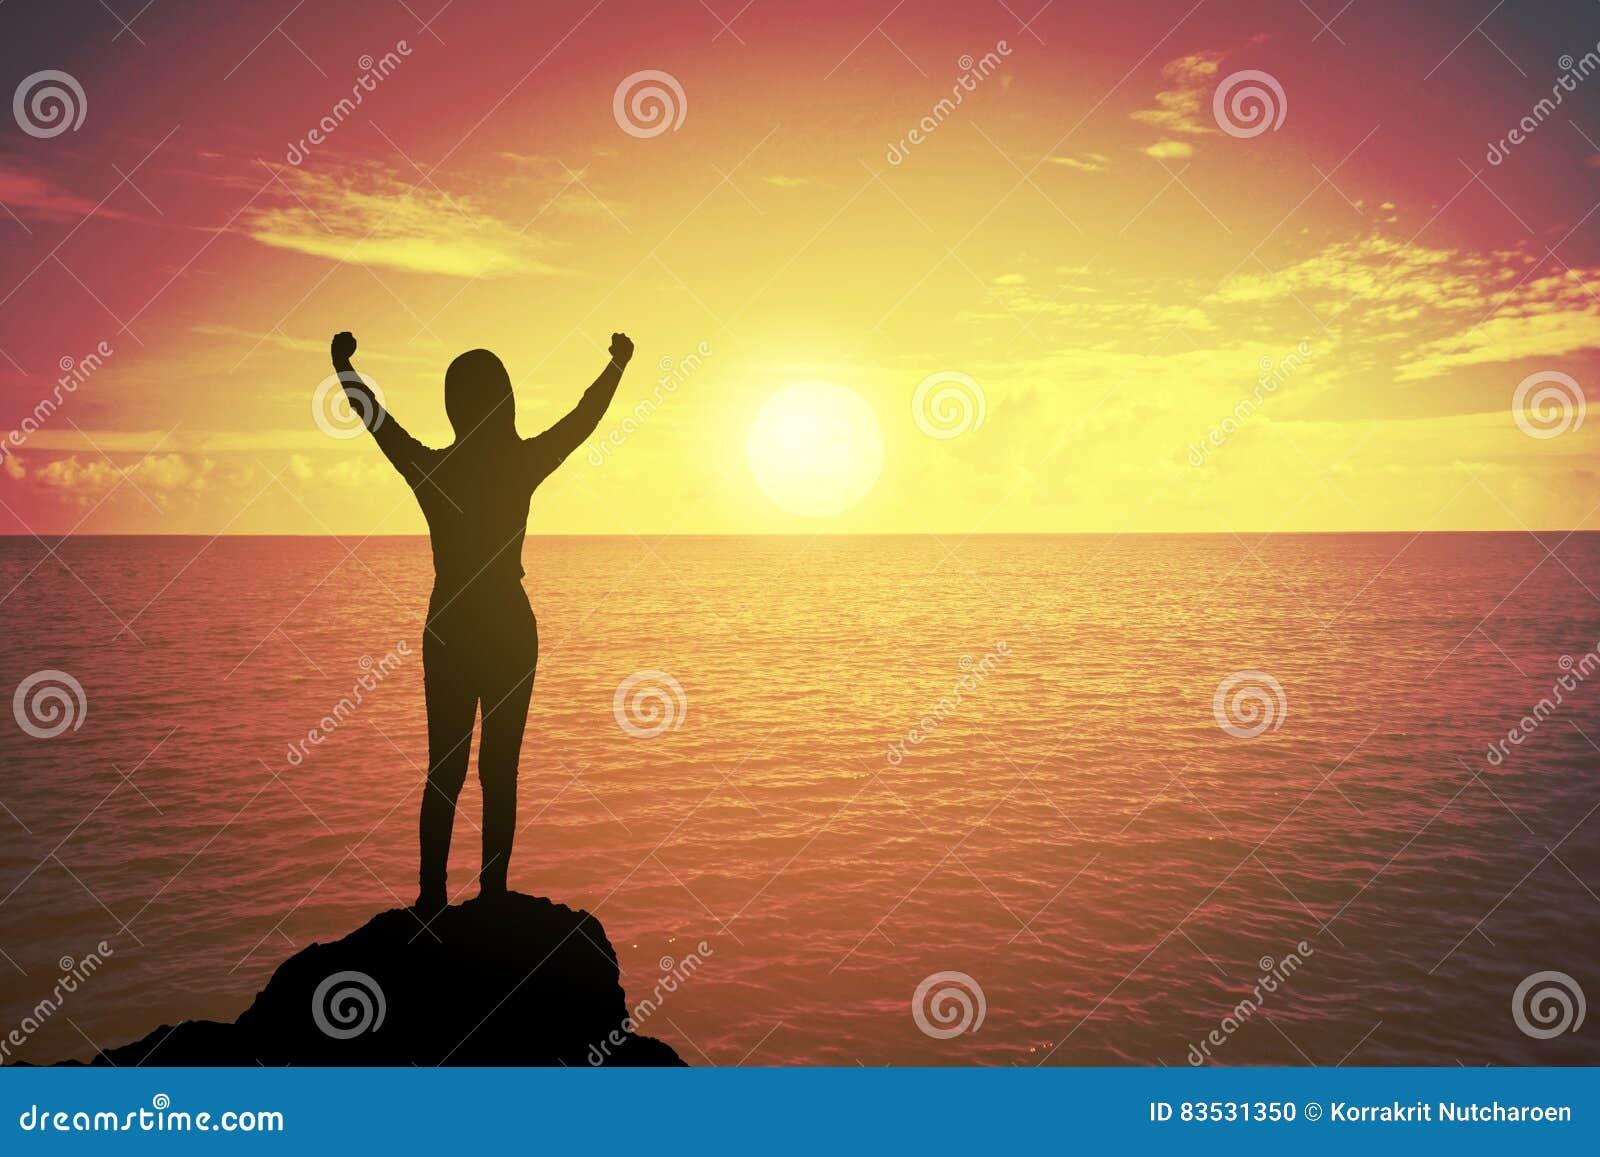 Kontur av den vinnande framgångkvinnan på solnedgången eller soluppgång som upp står och lyfter handen i beröm av att ha nått ber